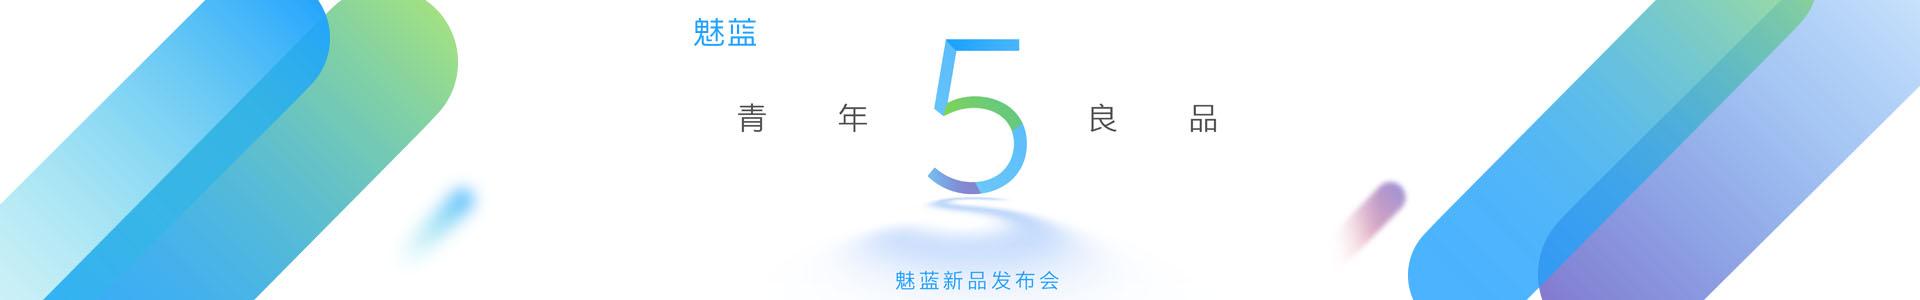 千元快充新时代 魅蓝5S发布图文直播